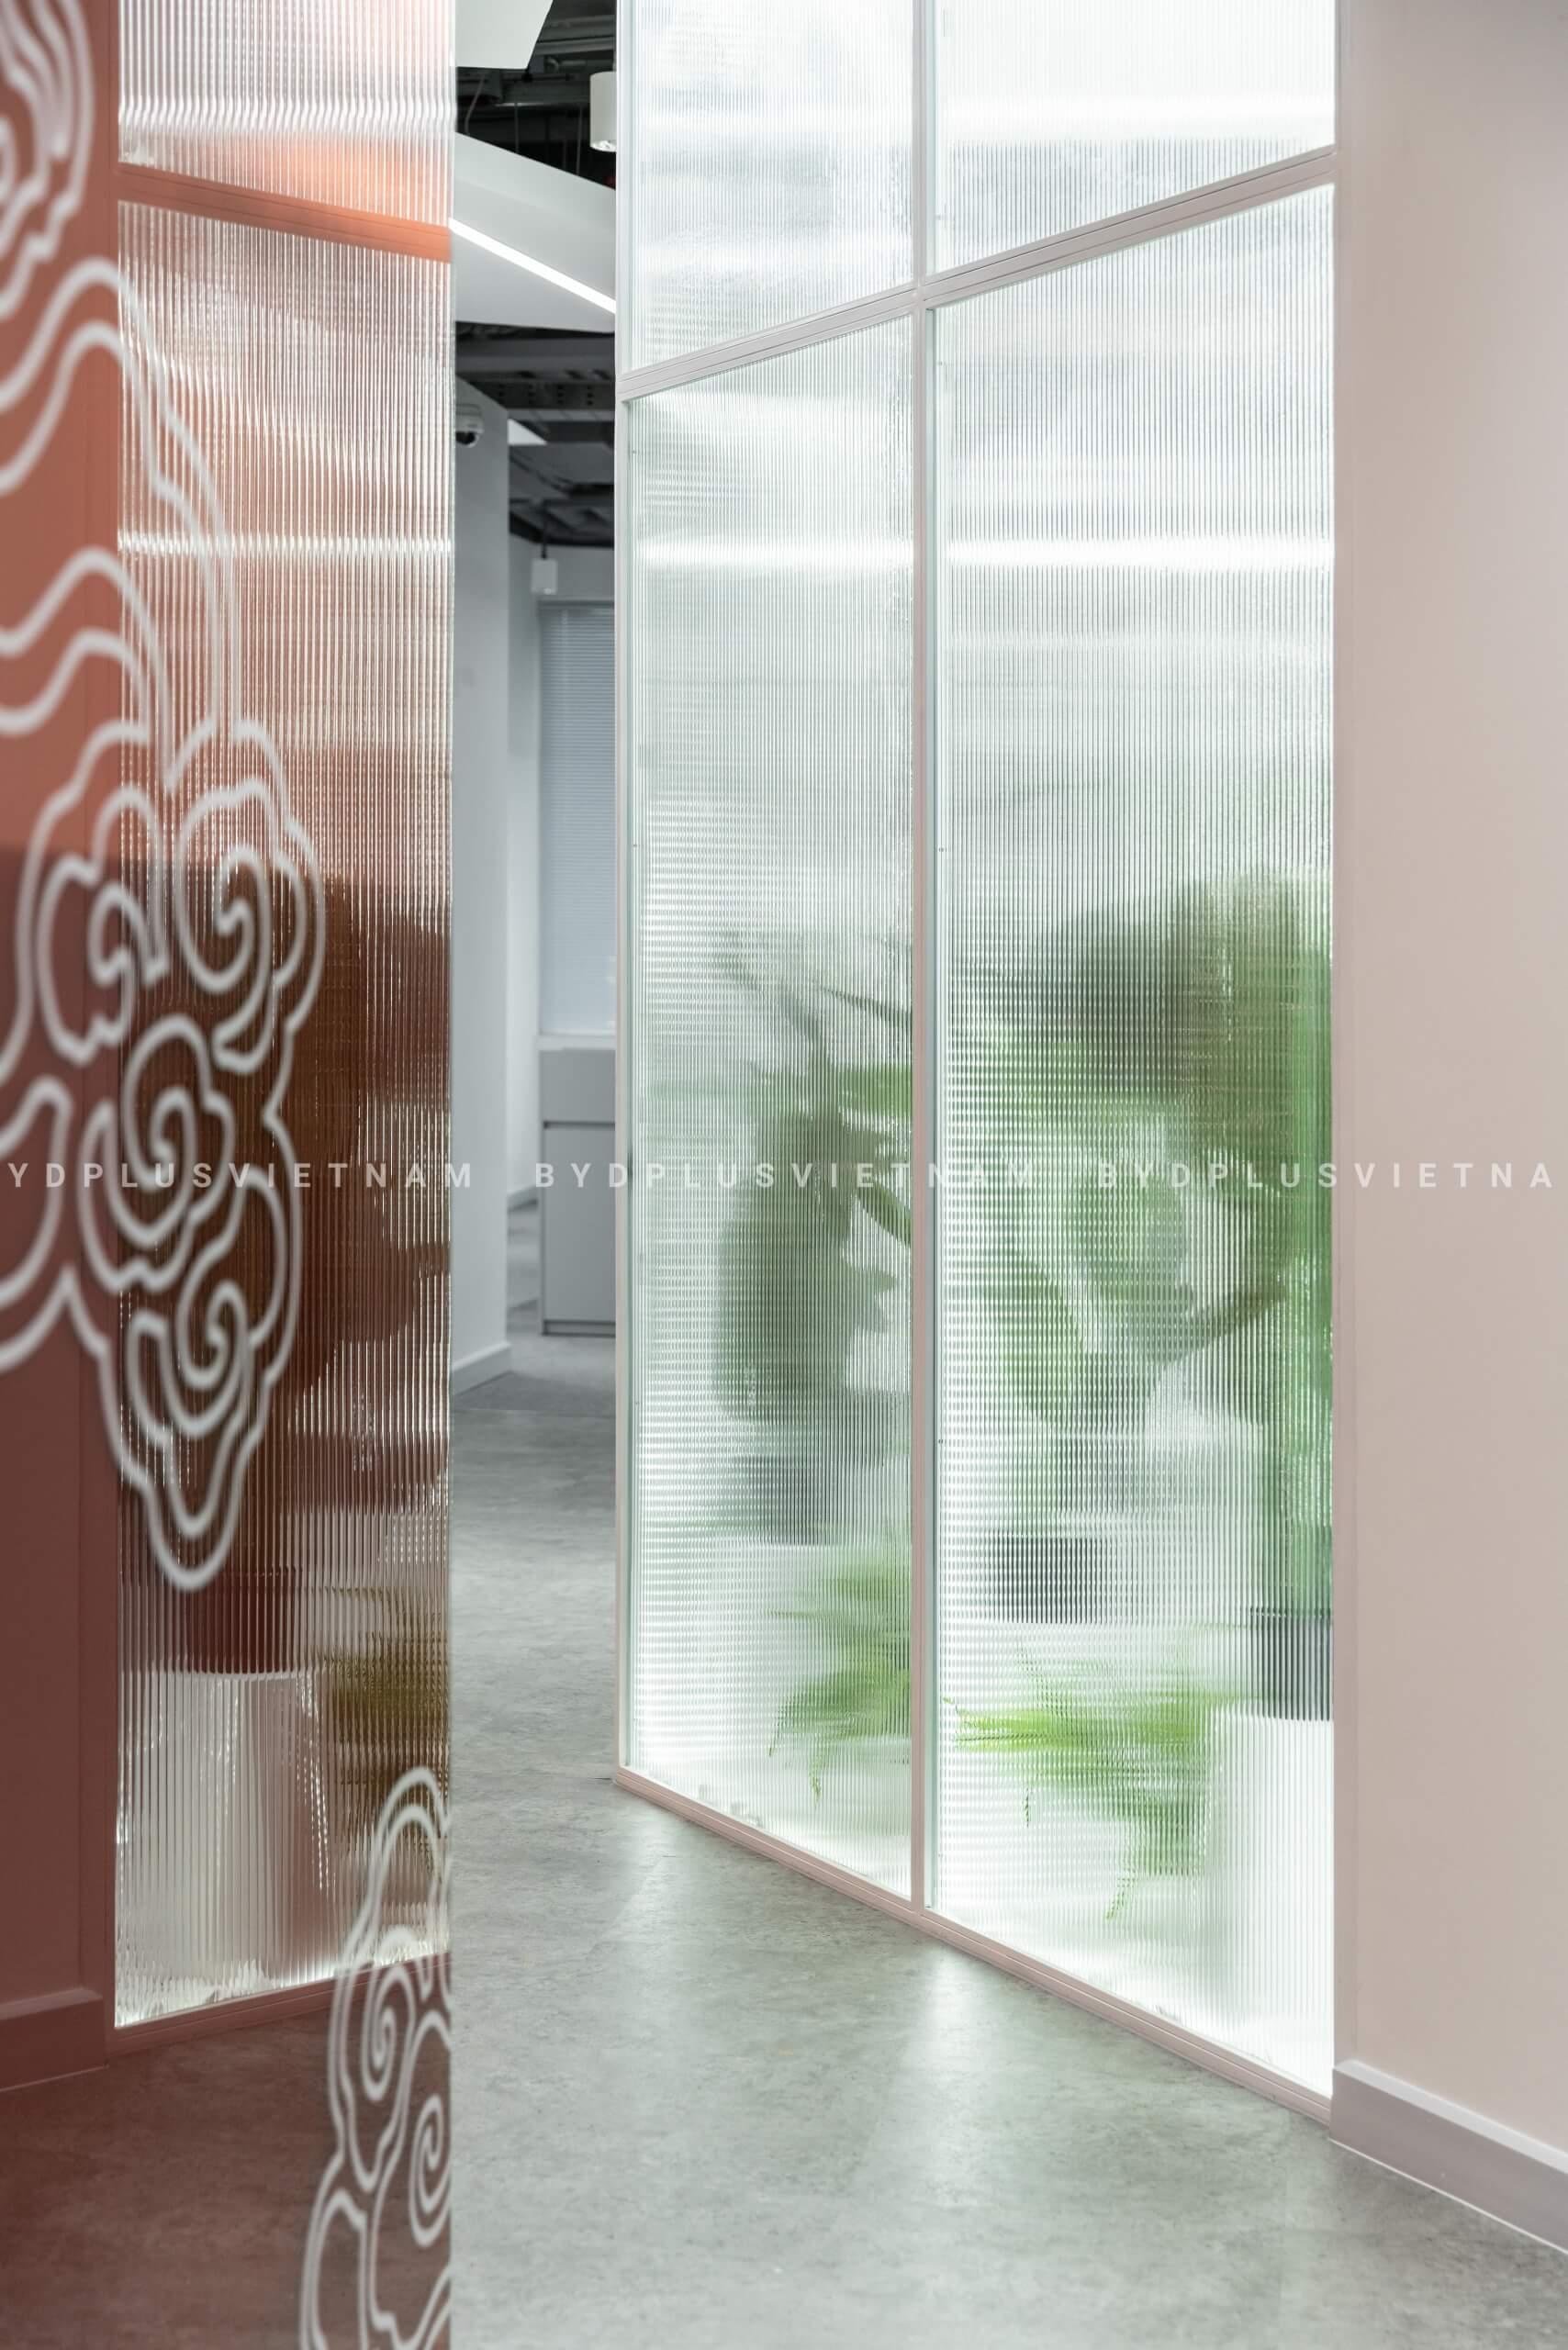 HighCommerce dùng box kính sọc vừa để trang trí, vừa chia không gian một cách tương đối.